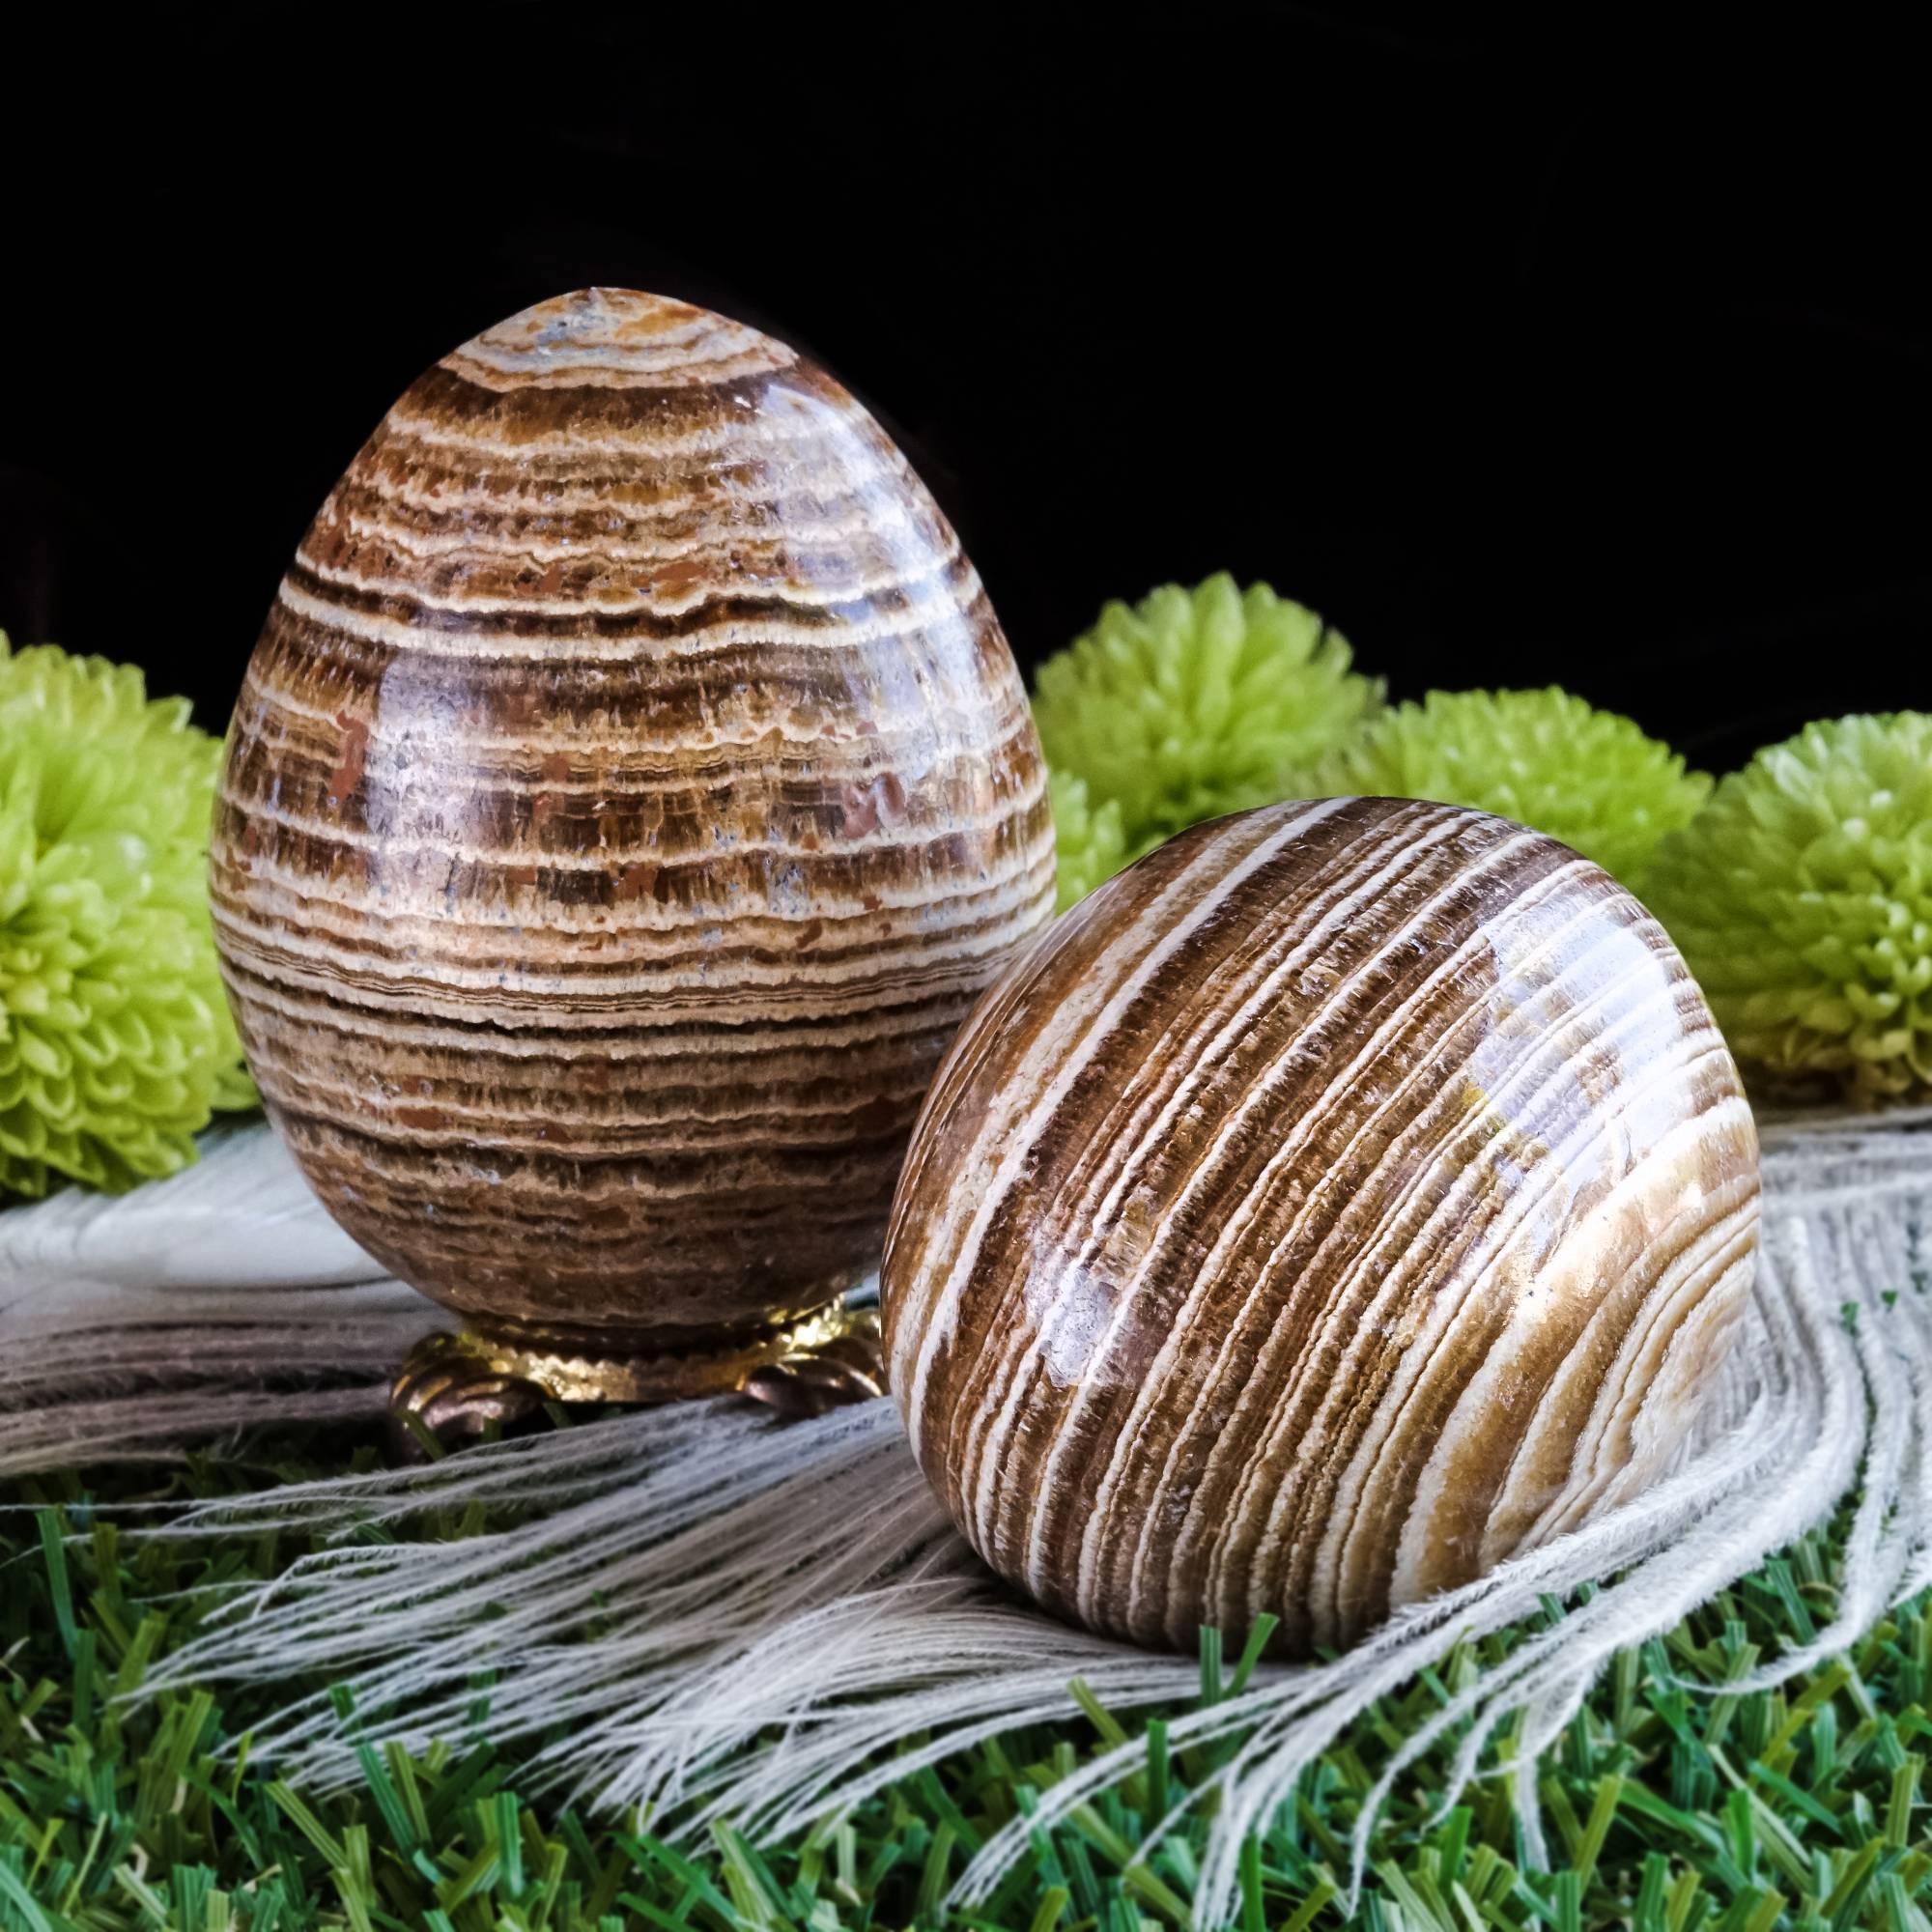 brown aragonite eggs